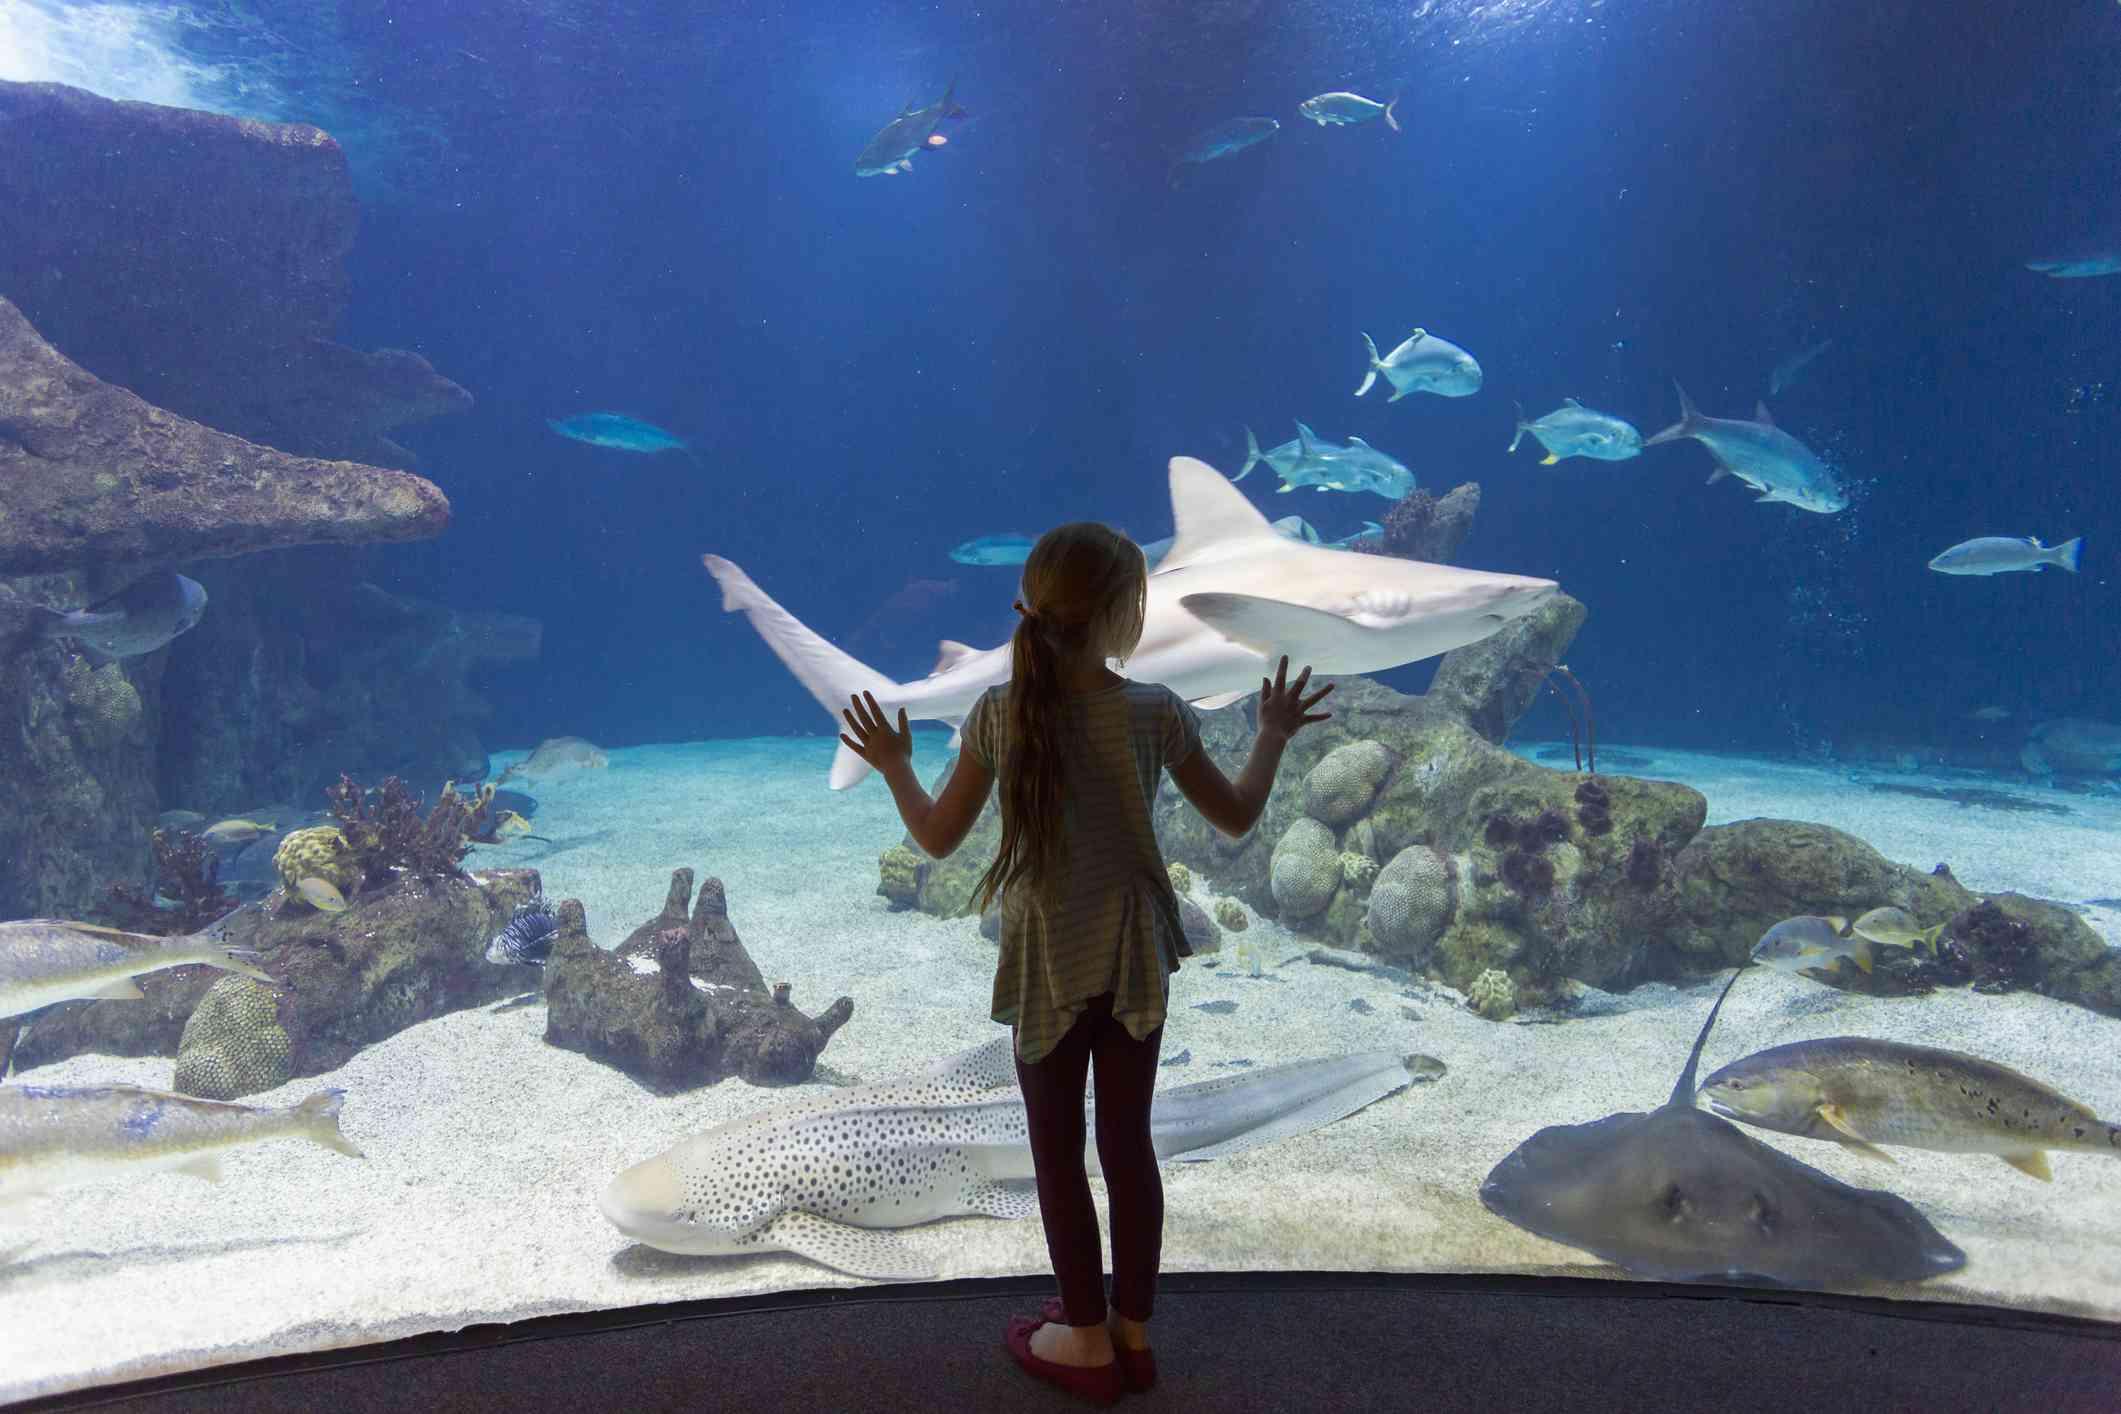 Caucasian girl admiring fish in aquarium